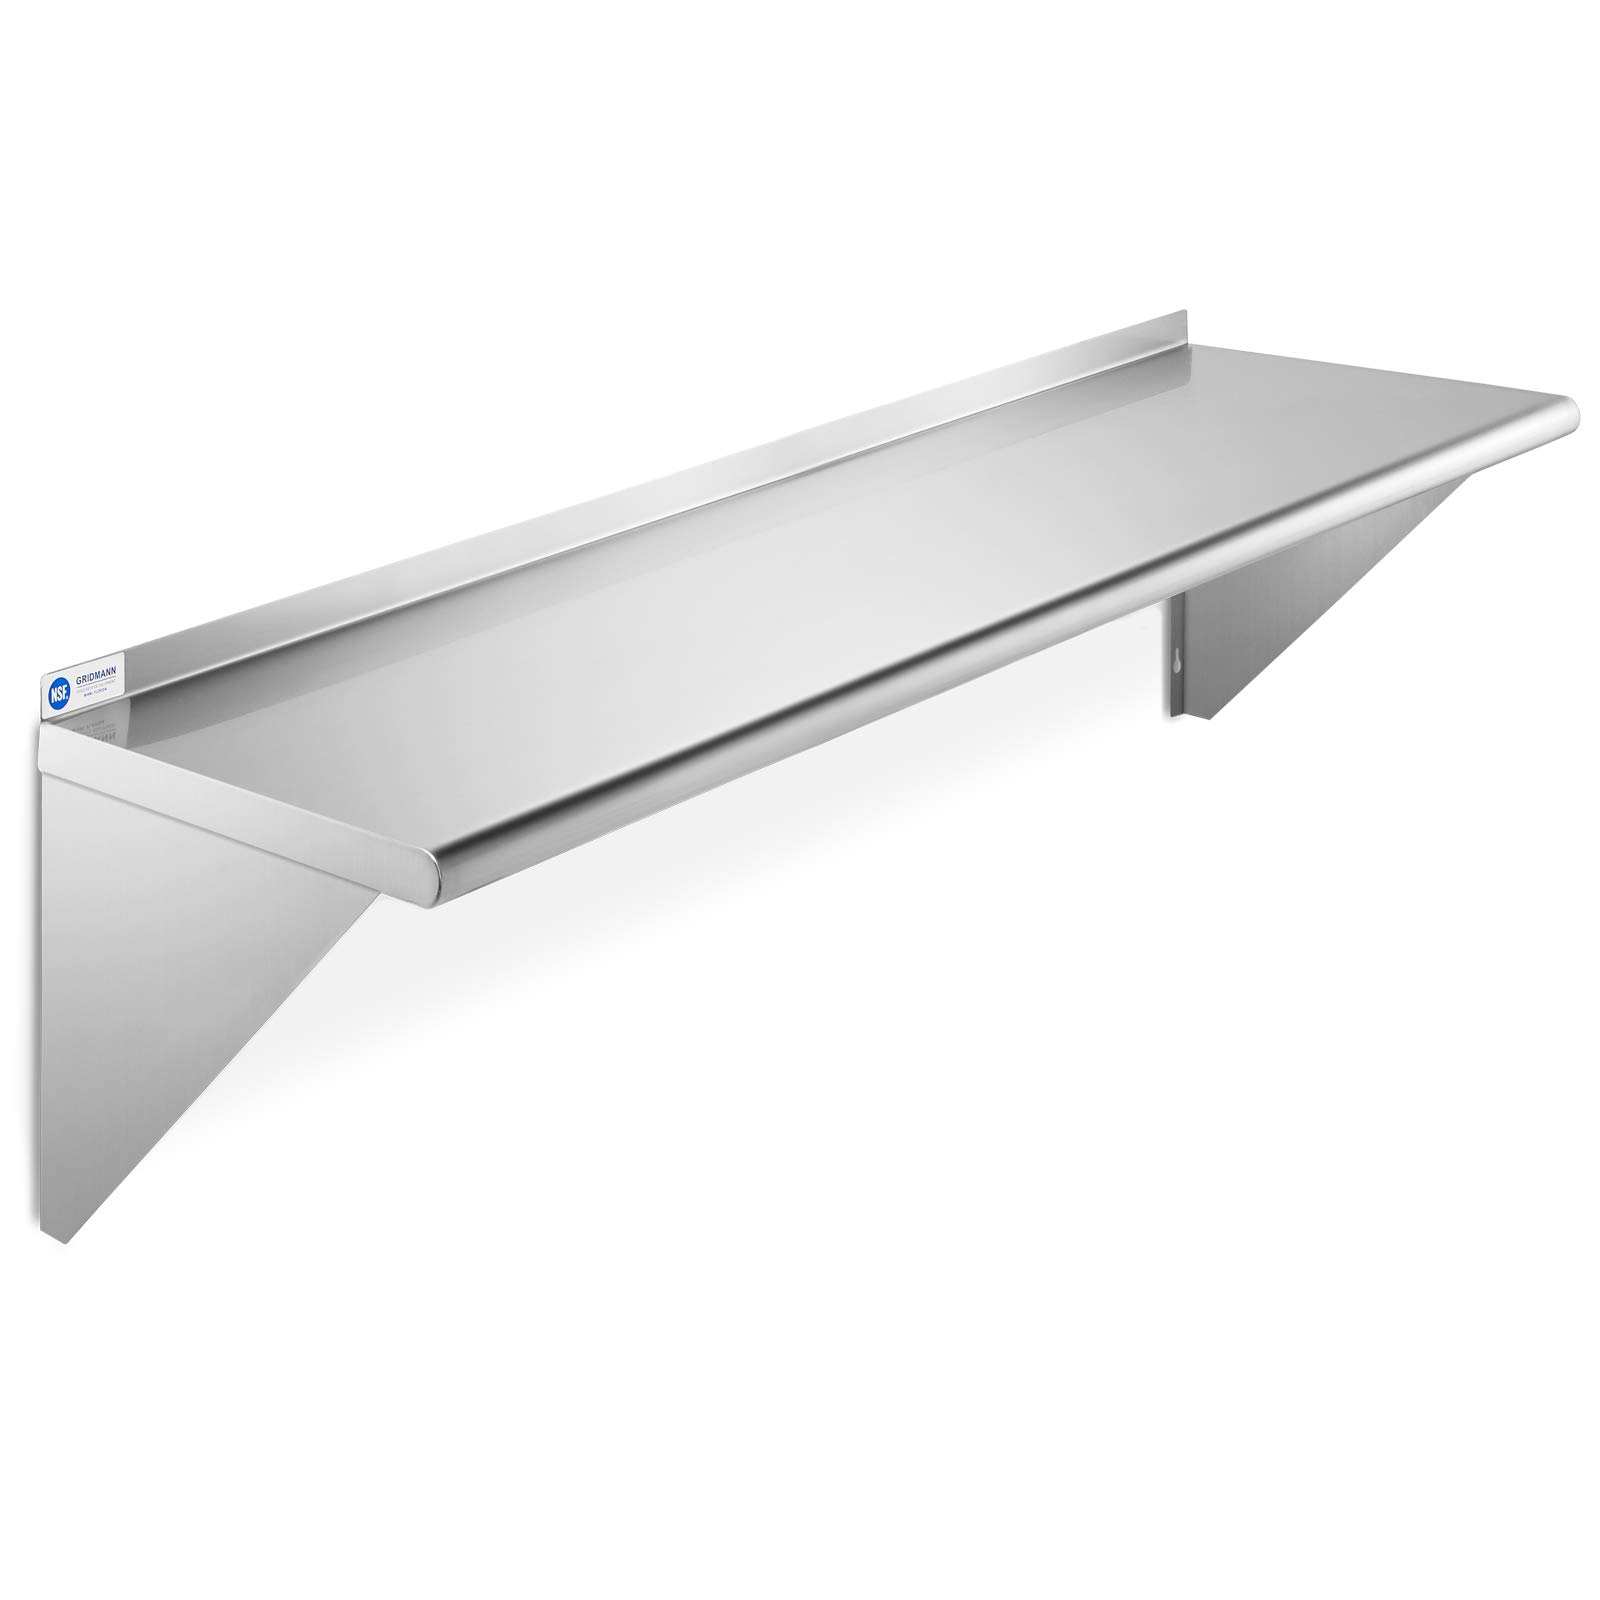 GRIDMANN NSF Stainless Steel Kitchen Wall Mount Shelf Commercial Restaurant Bar w/Backsplash - 12'' x 48'' by GRIDMANN